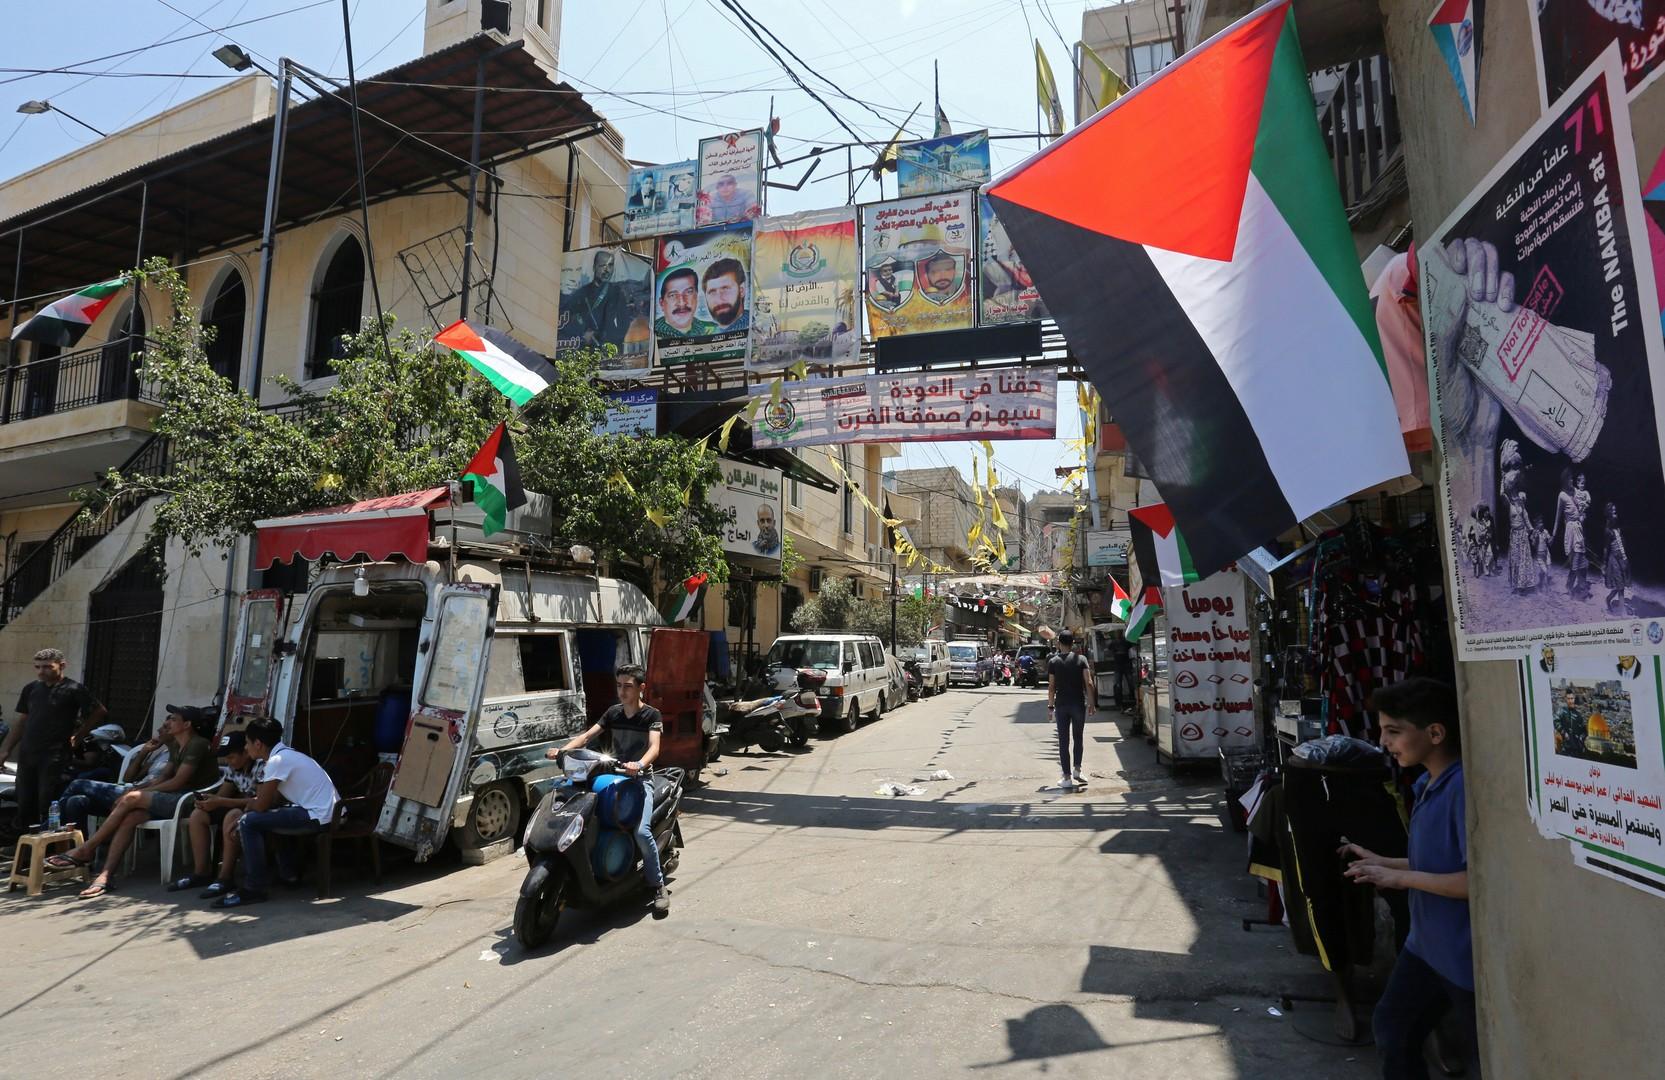 صحيفة: تحذيرات من إسقاط حق العودة على وقع ضغوط لتسهيل مغادرة الفلسطينيين للبنان